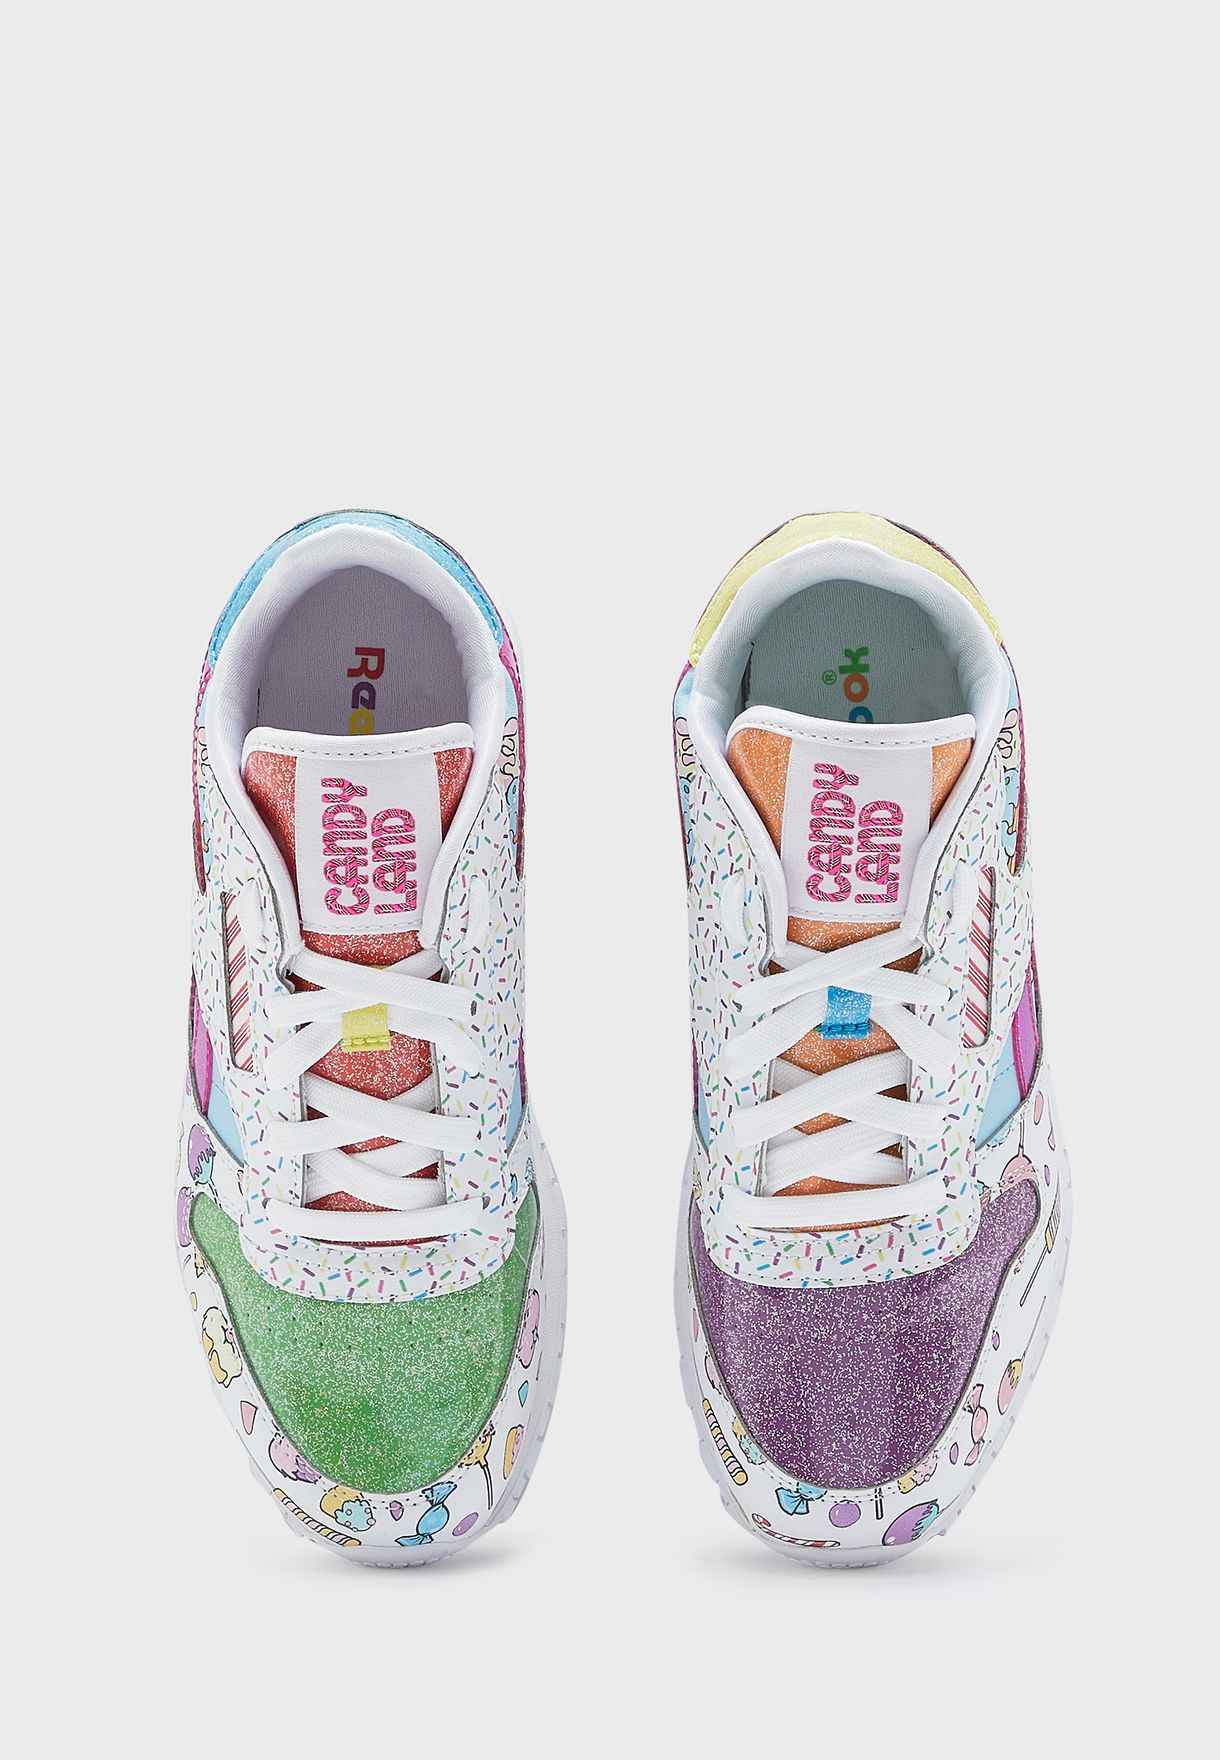 حذاء جلد من مجموعة ريبوك x كاندي لاند